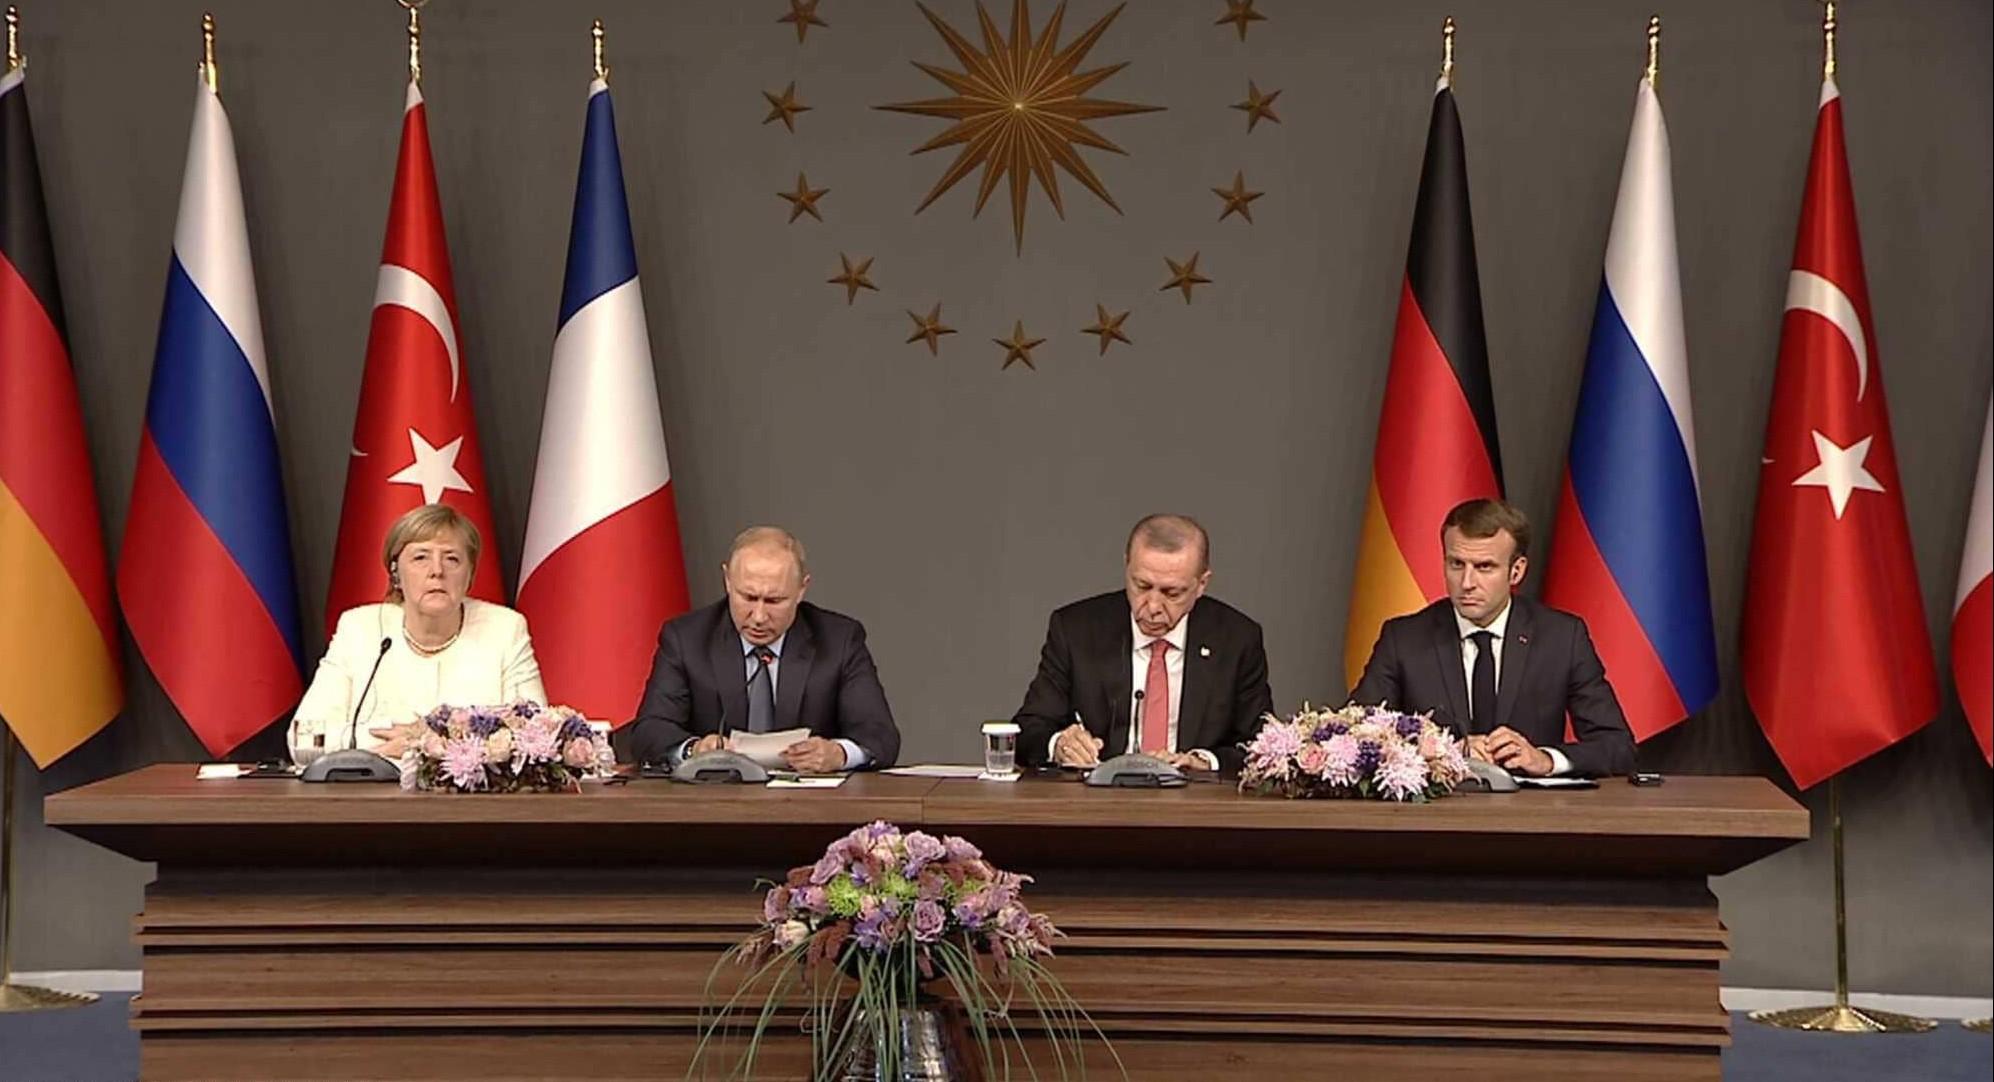 القمة  تبحث الحل السياسي في سوريا